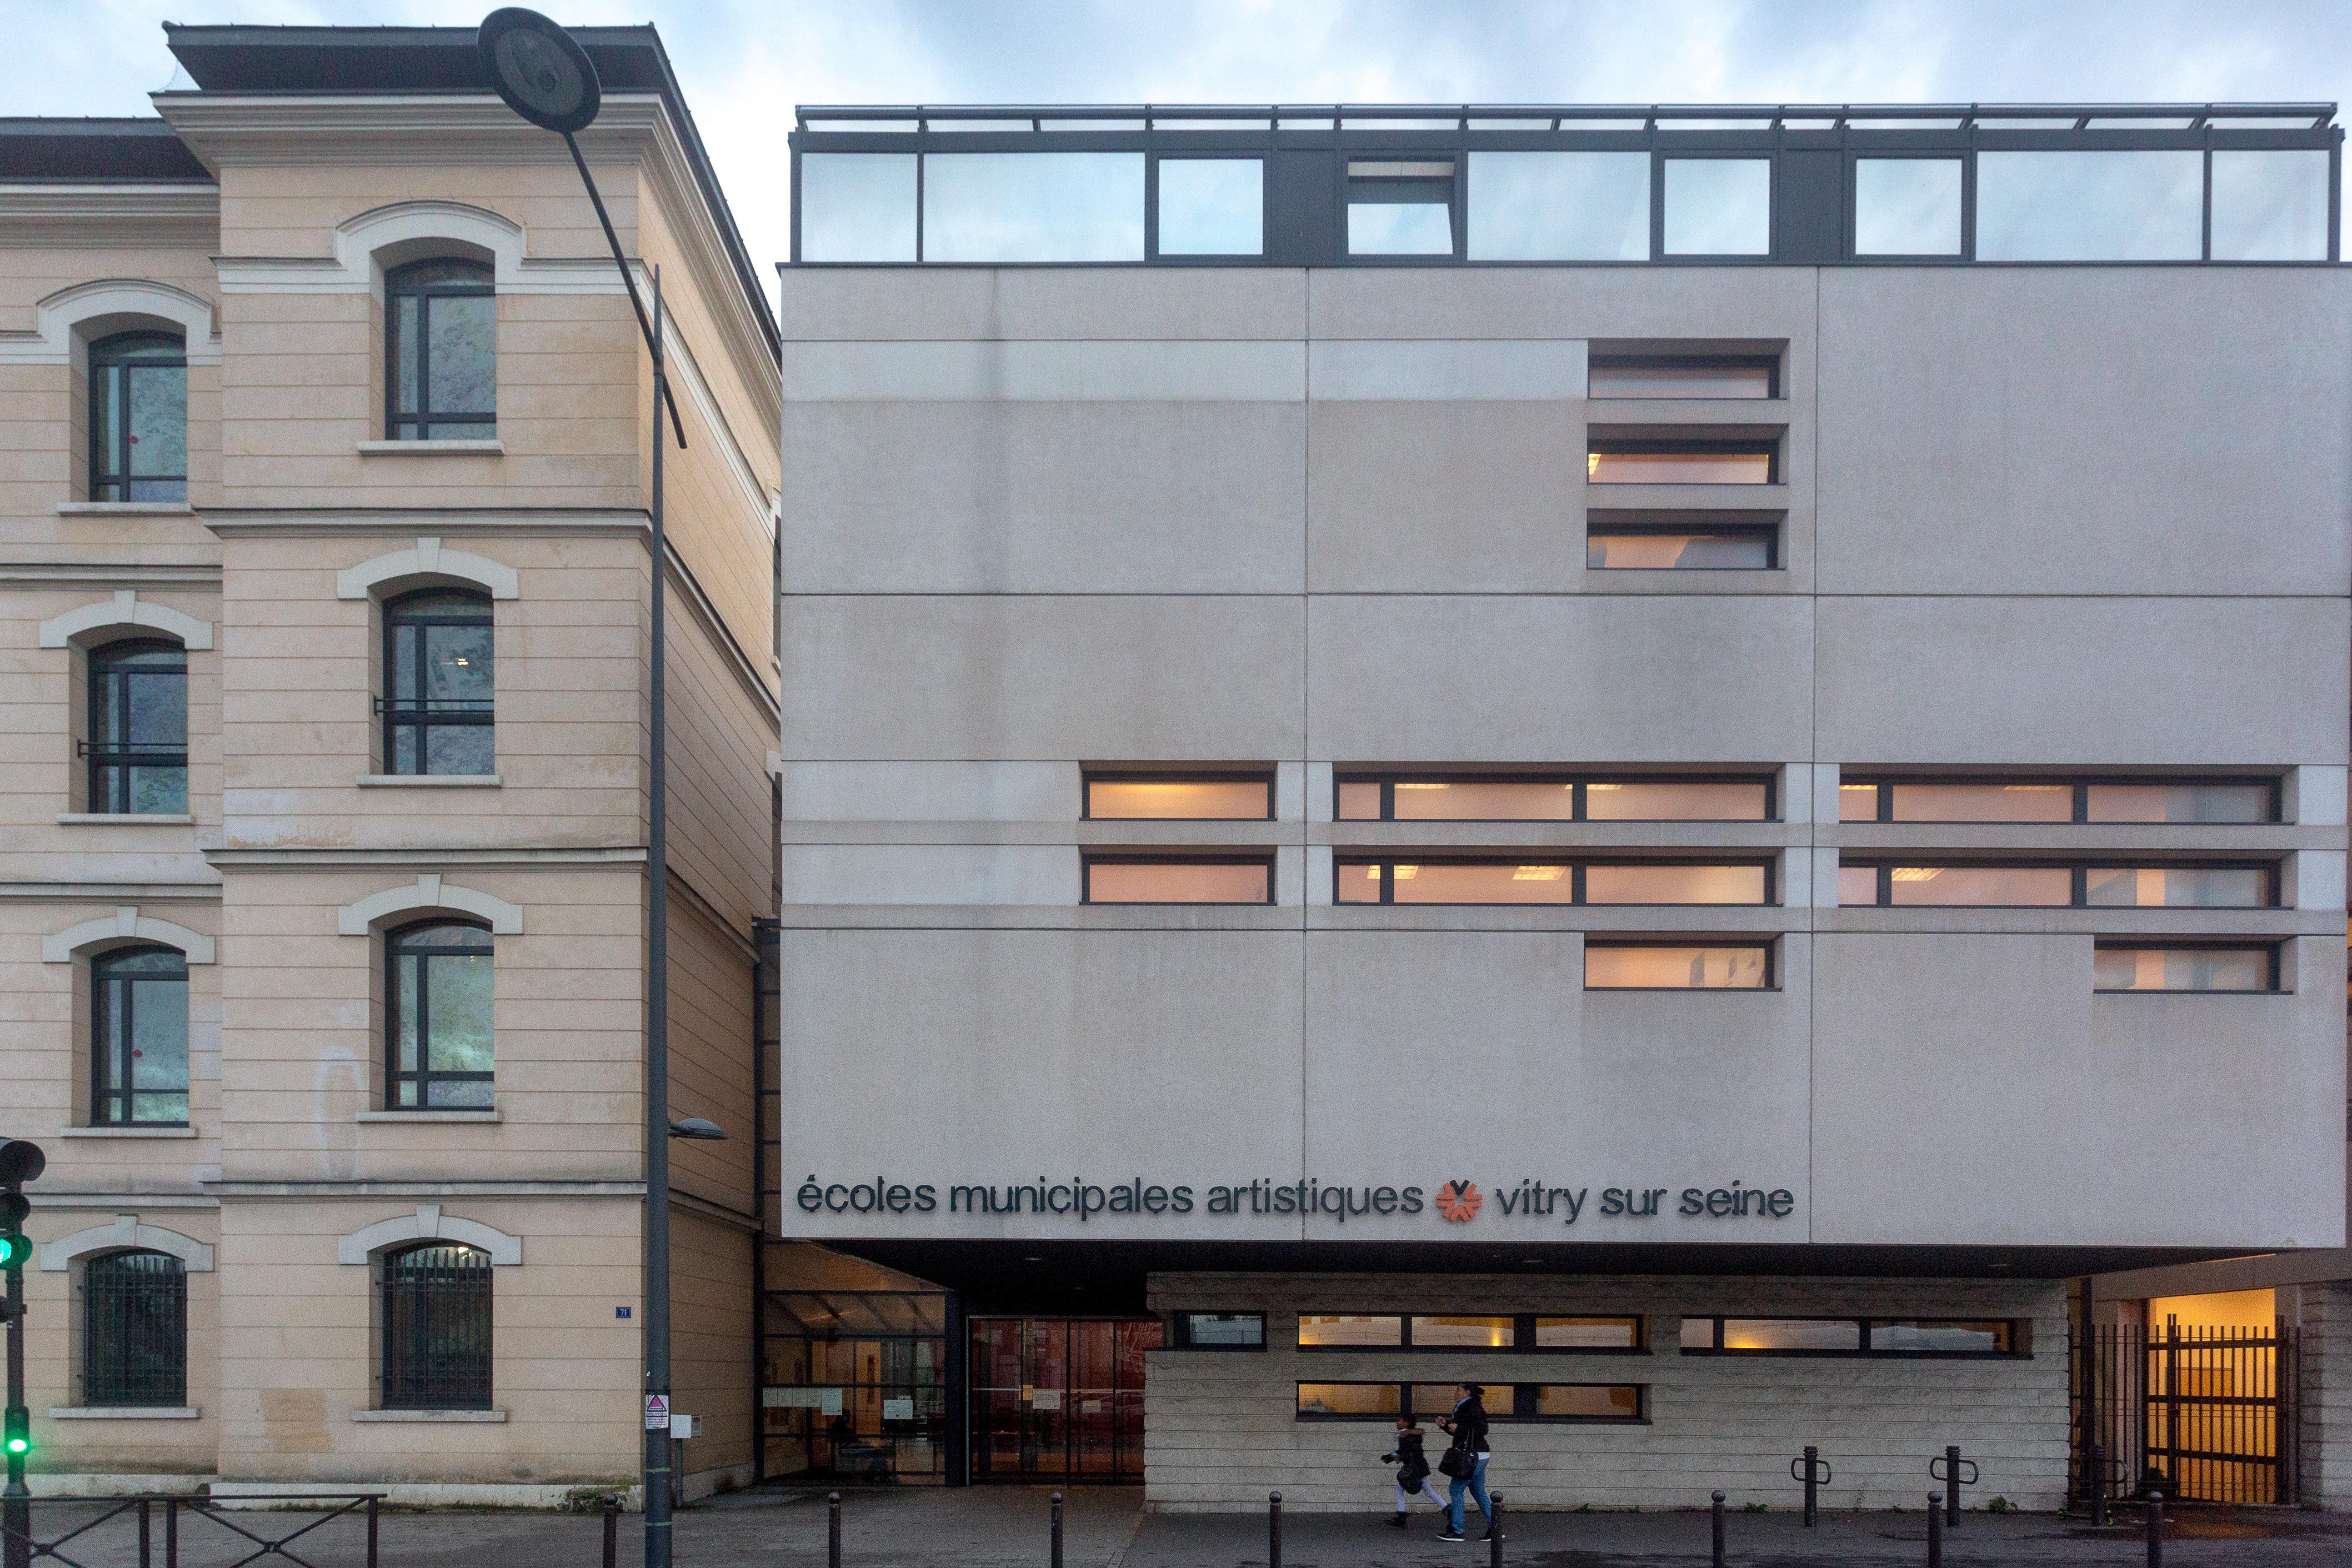 Écoles municipales artistiques de Vitry-sur-Seine